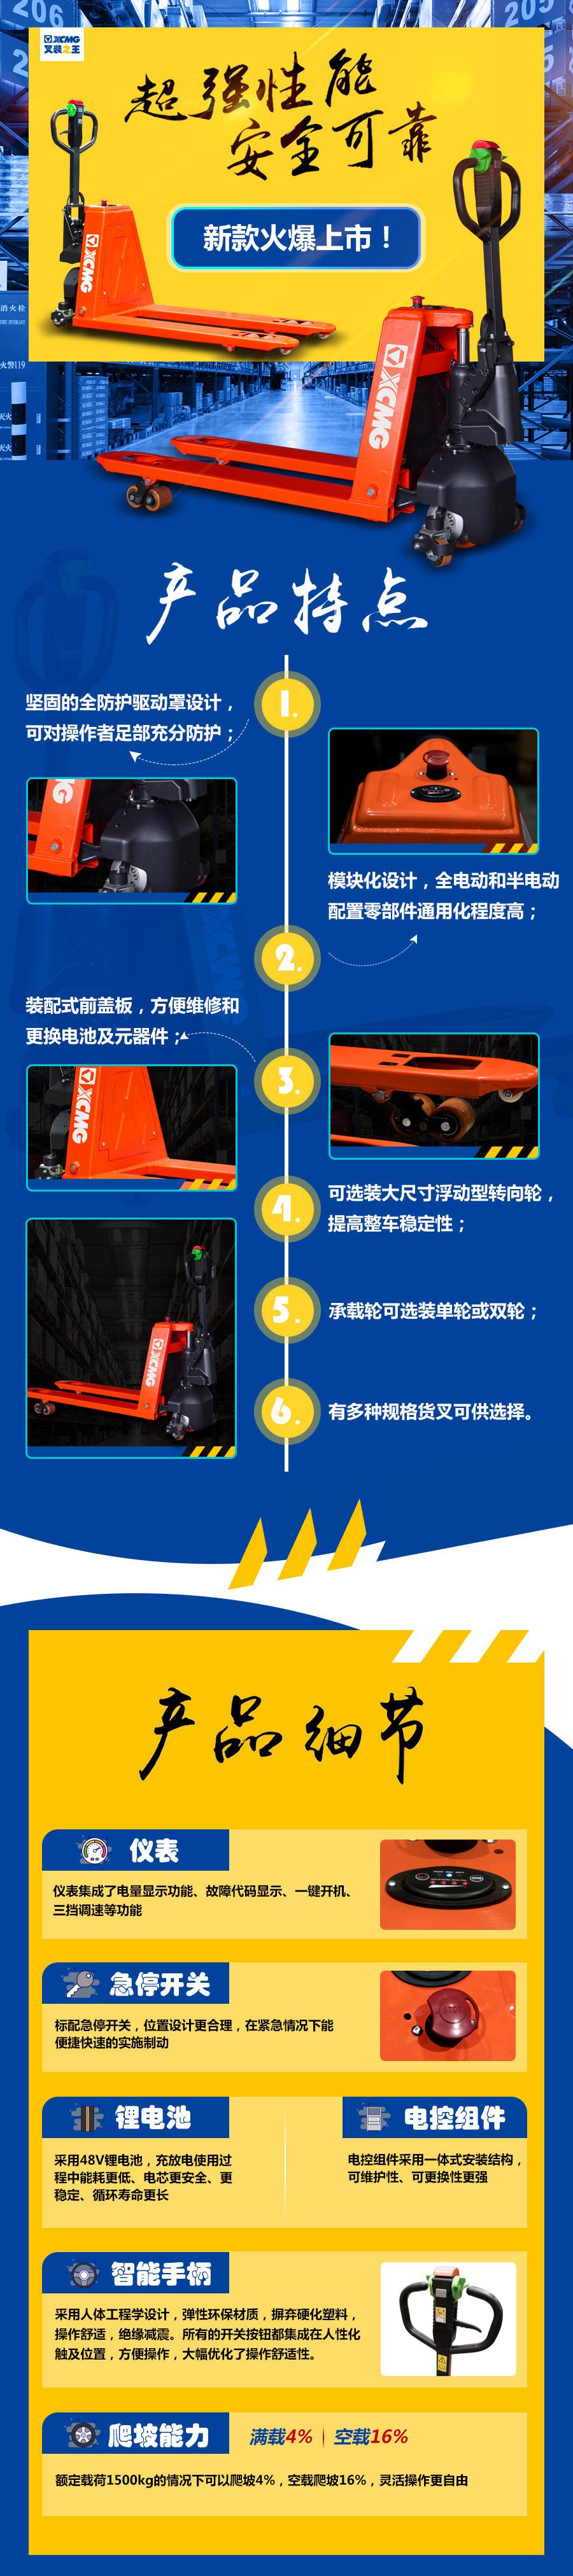 XCC-LW15微螳螂_01.jpg